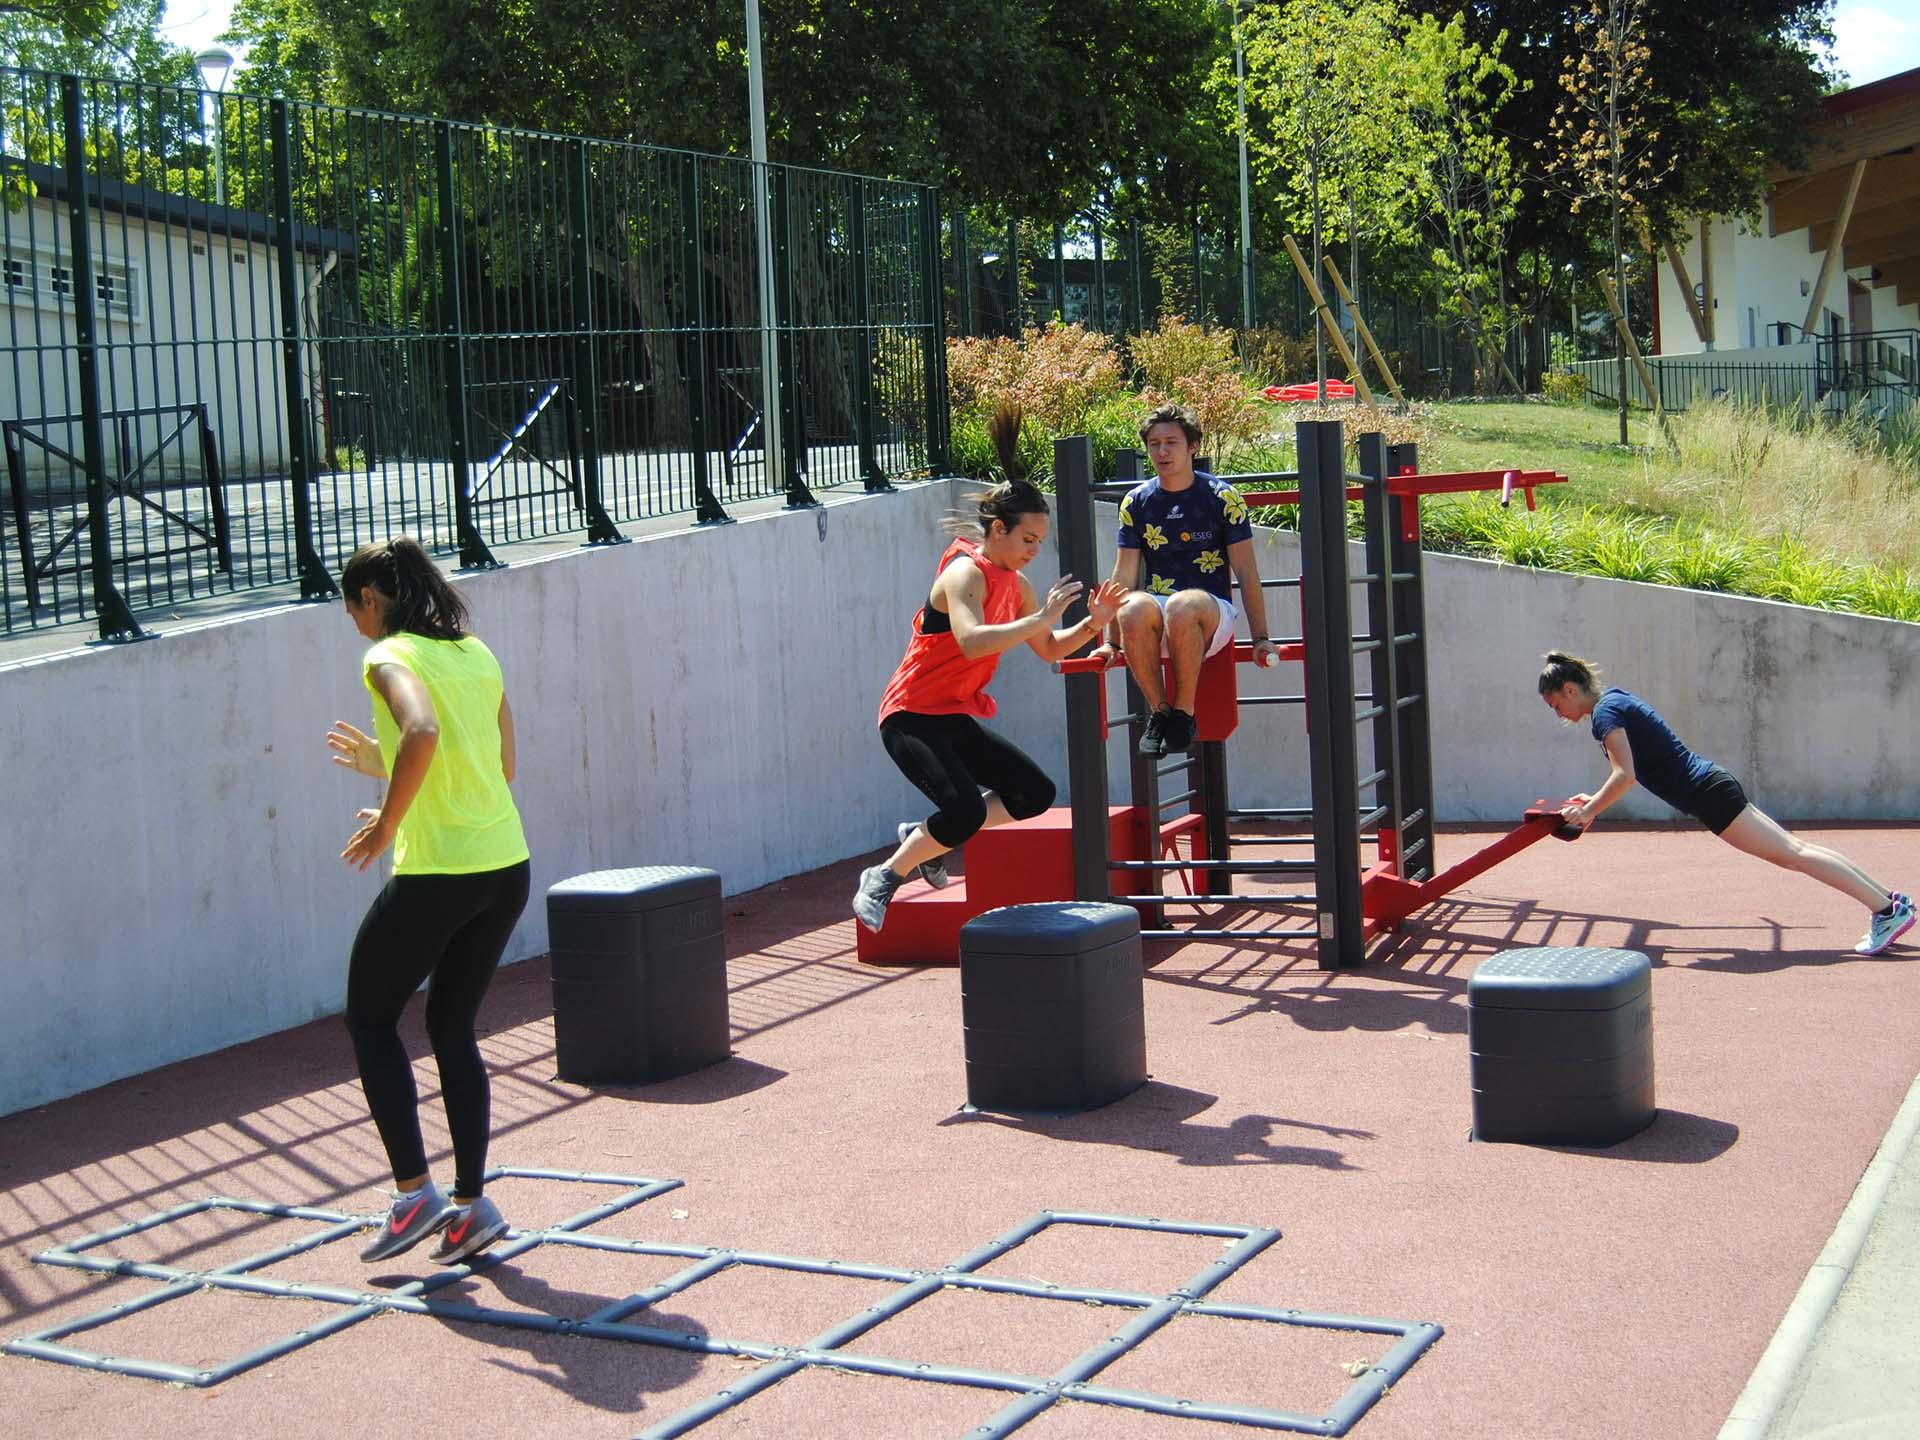 Photo du plateau sport de René le Duc avec la Piste d'athlétisme à côté à Meudon